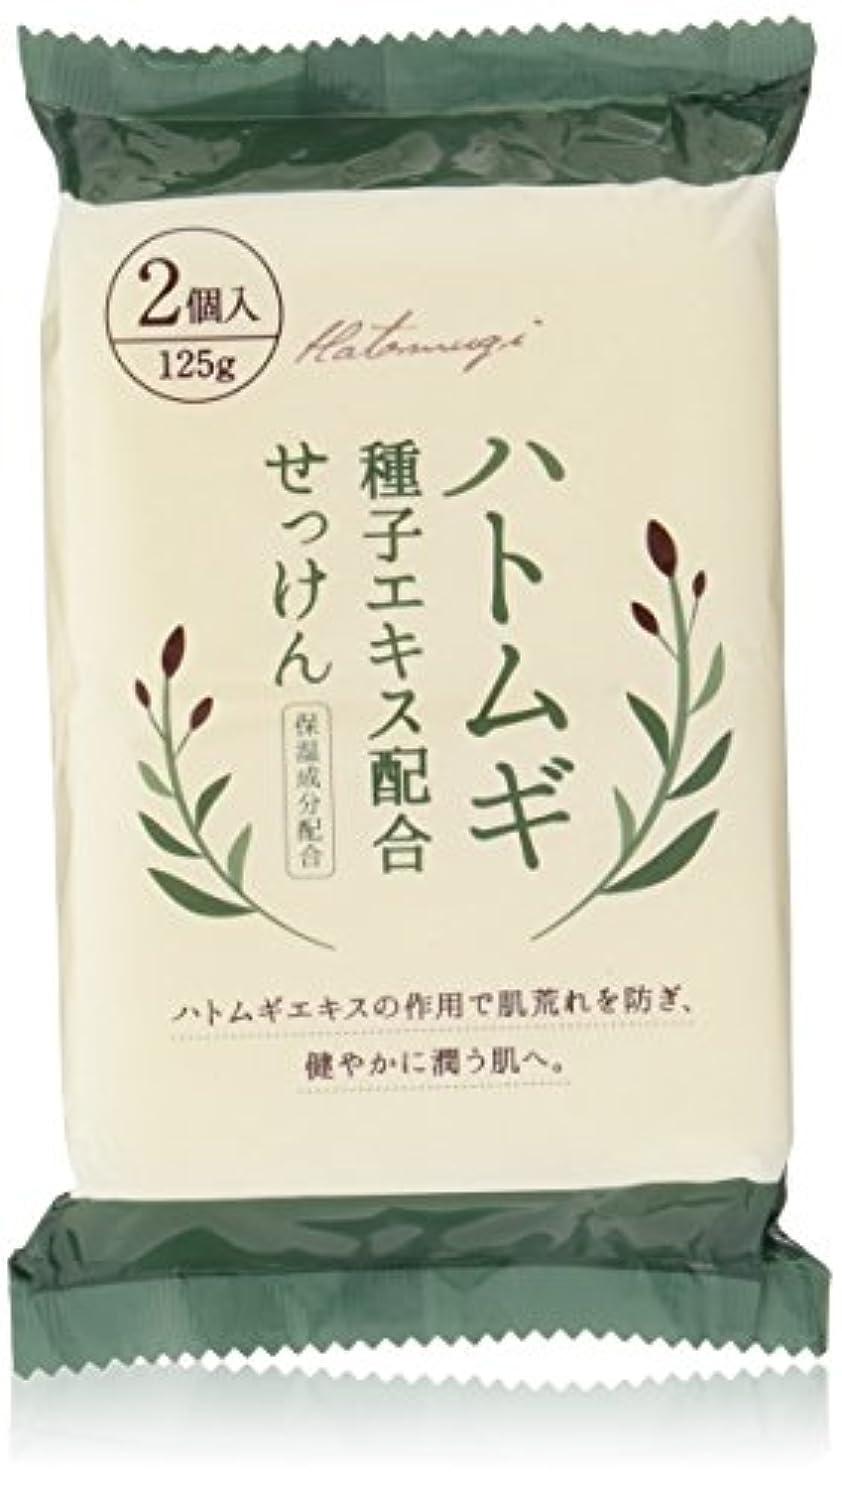 ピジン辛い寄稿者ハトムギ種子エキス配合石けん 125g*2コ入